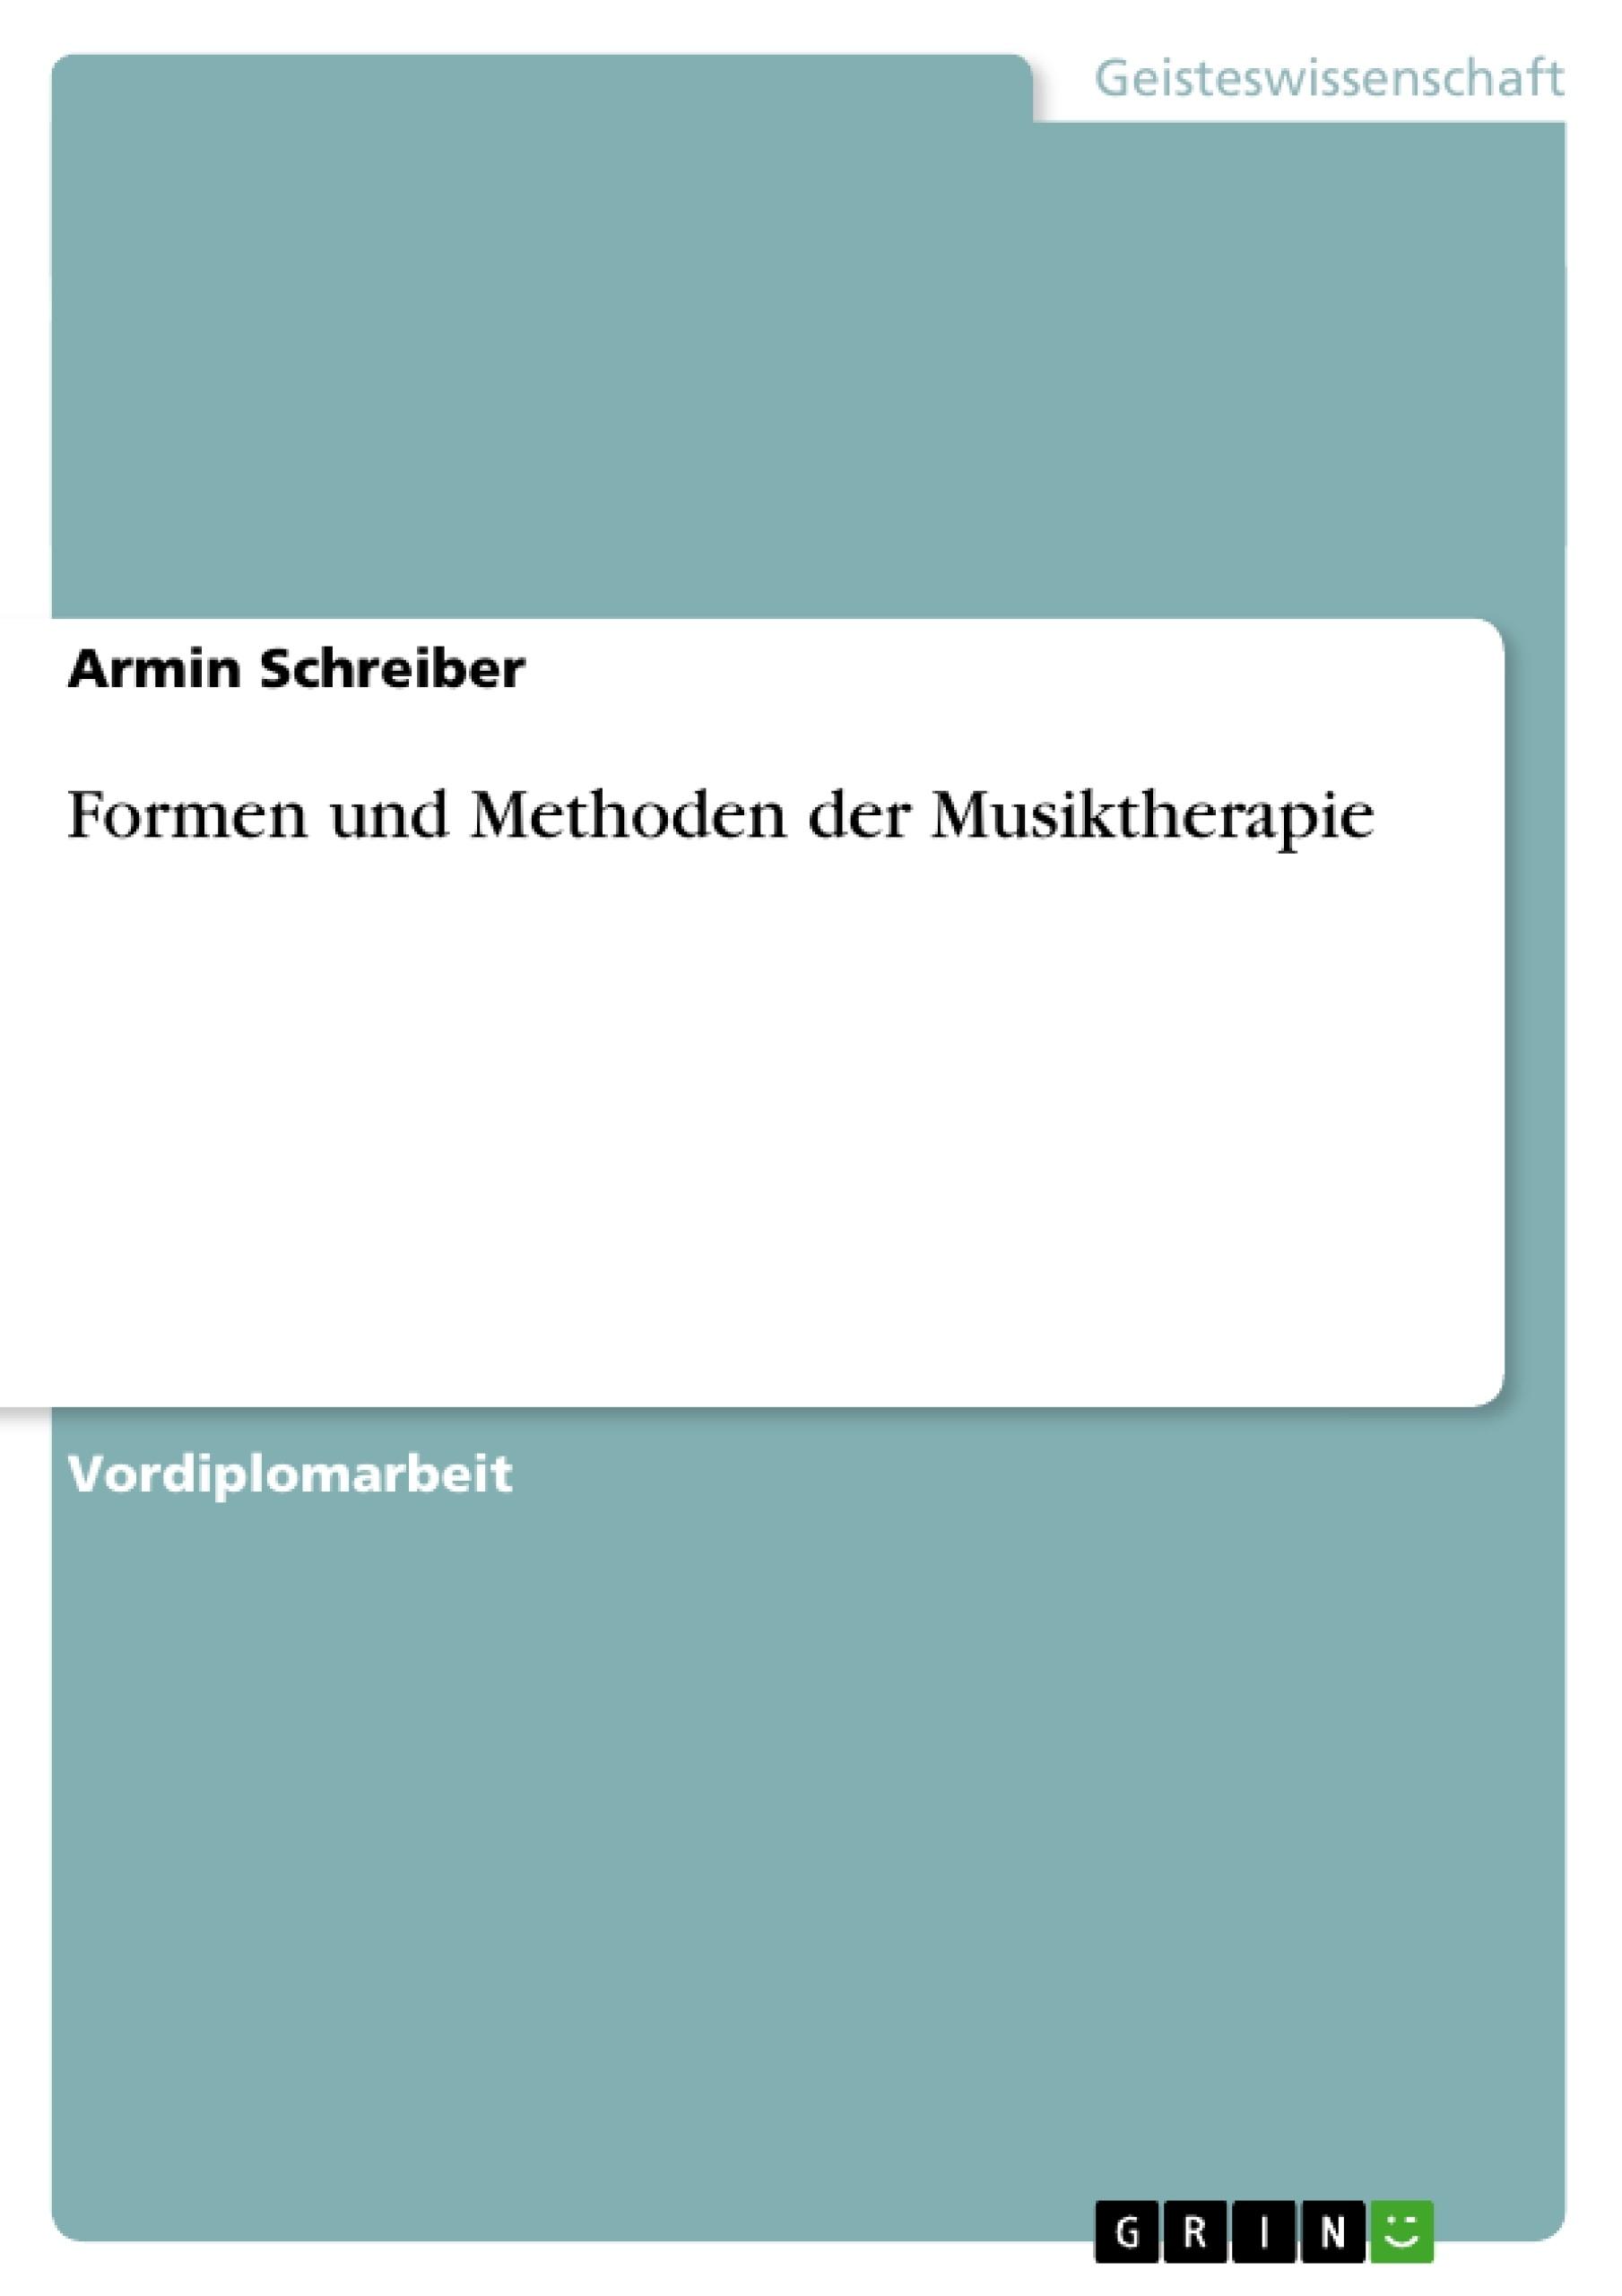 Titel: Formen und Methoden der Musiktherapie